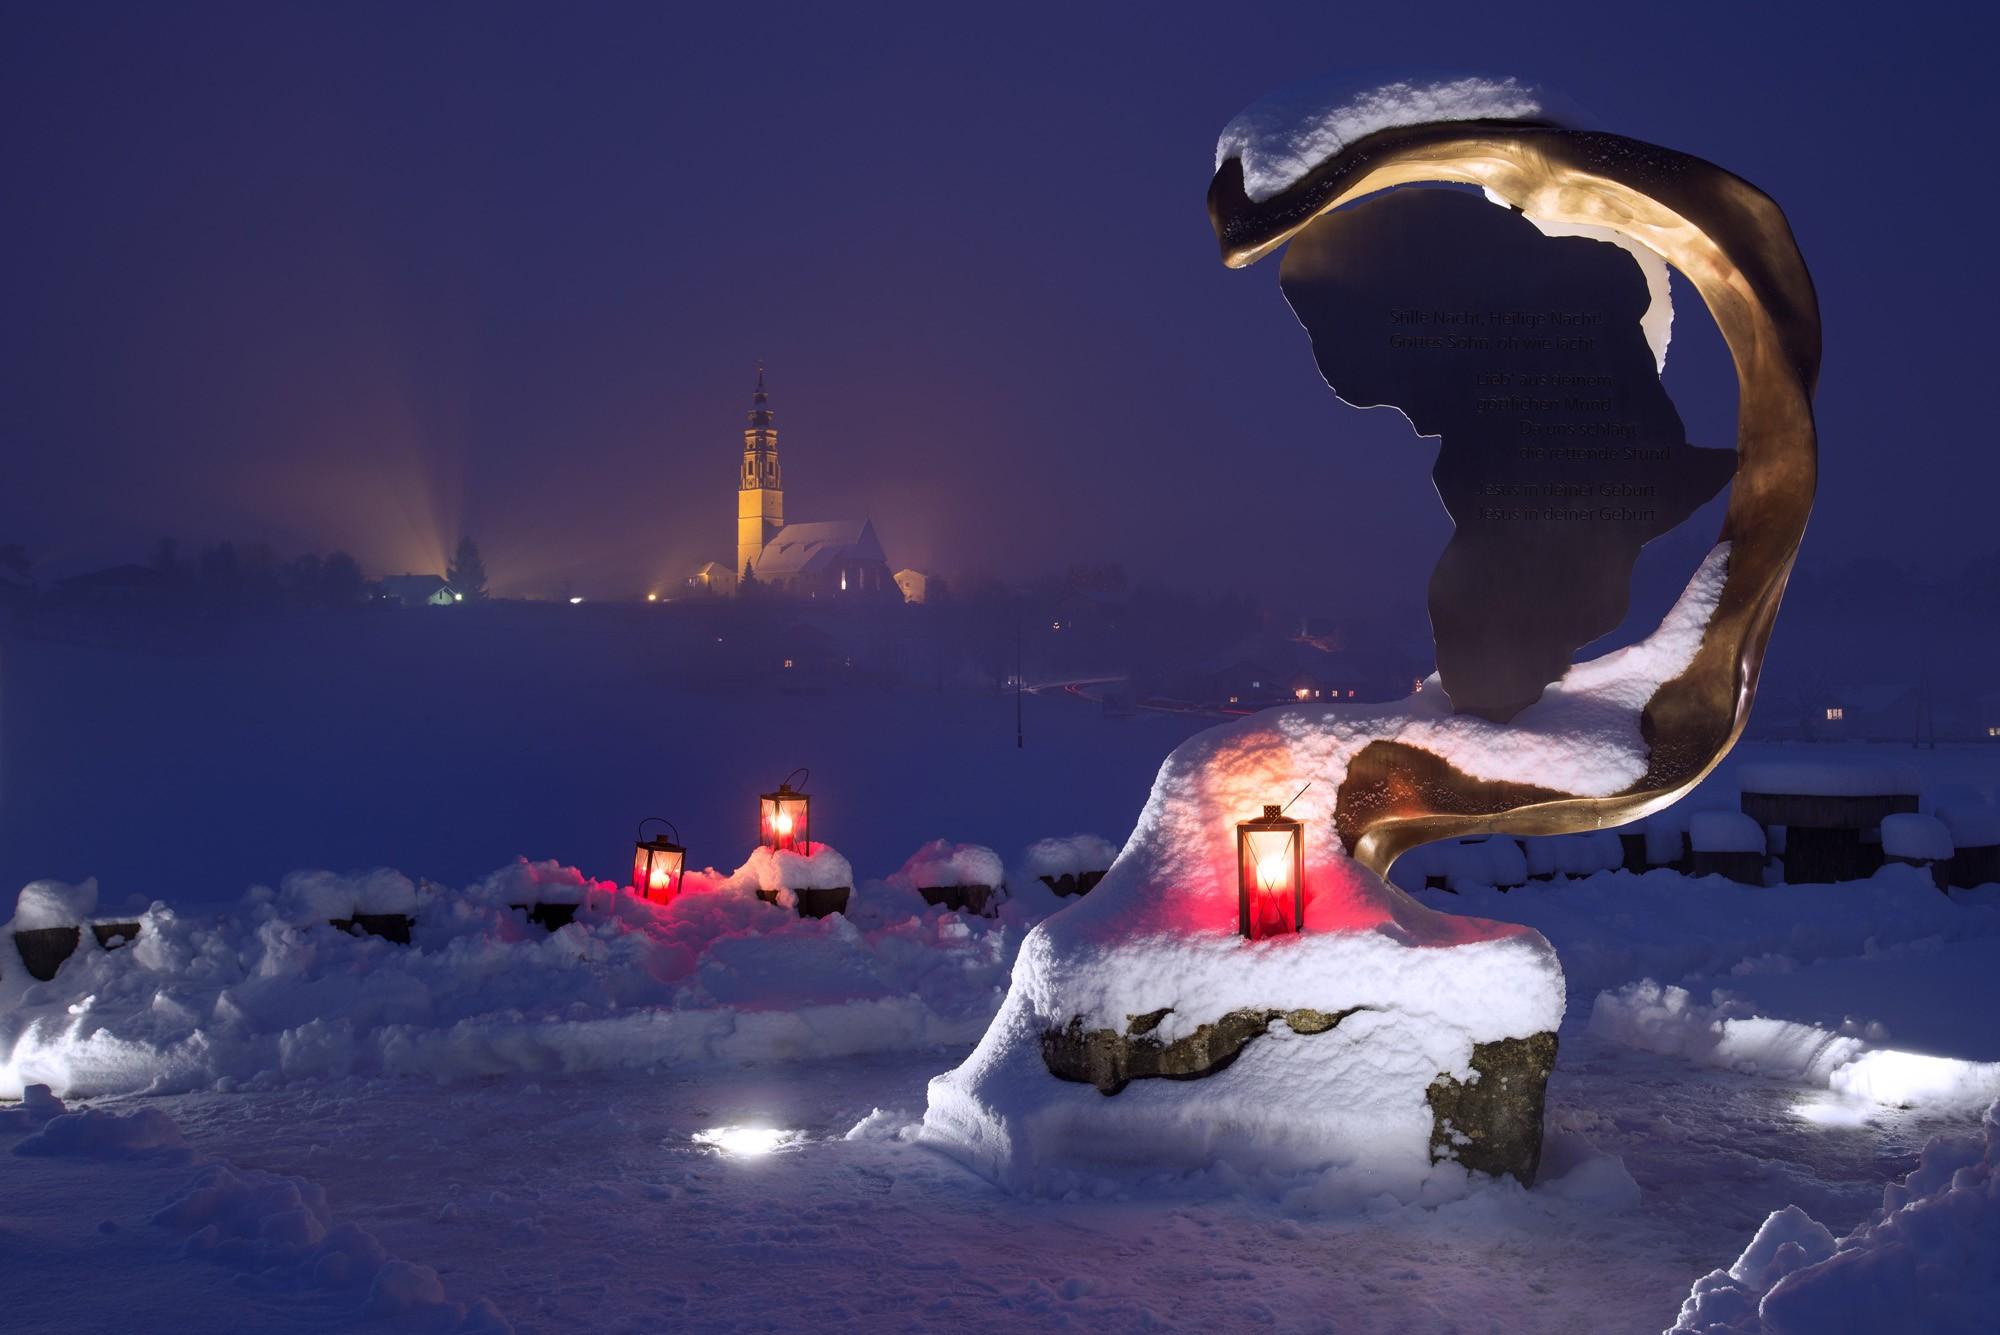 Hochburg-Ach in winter © Franz Xaver Gruber Gemeinschaft